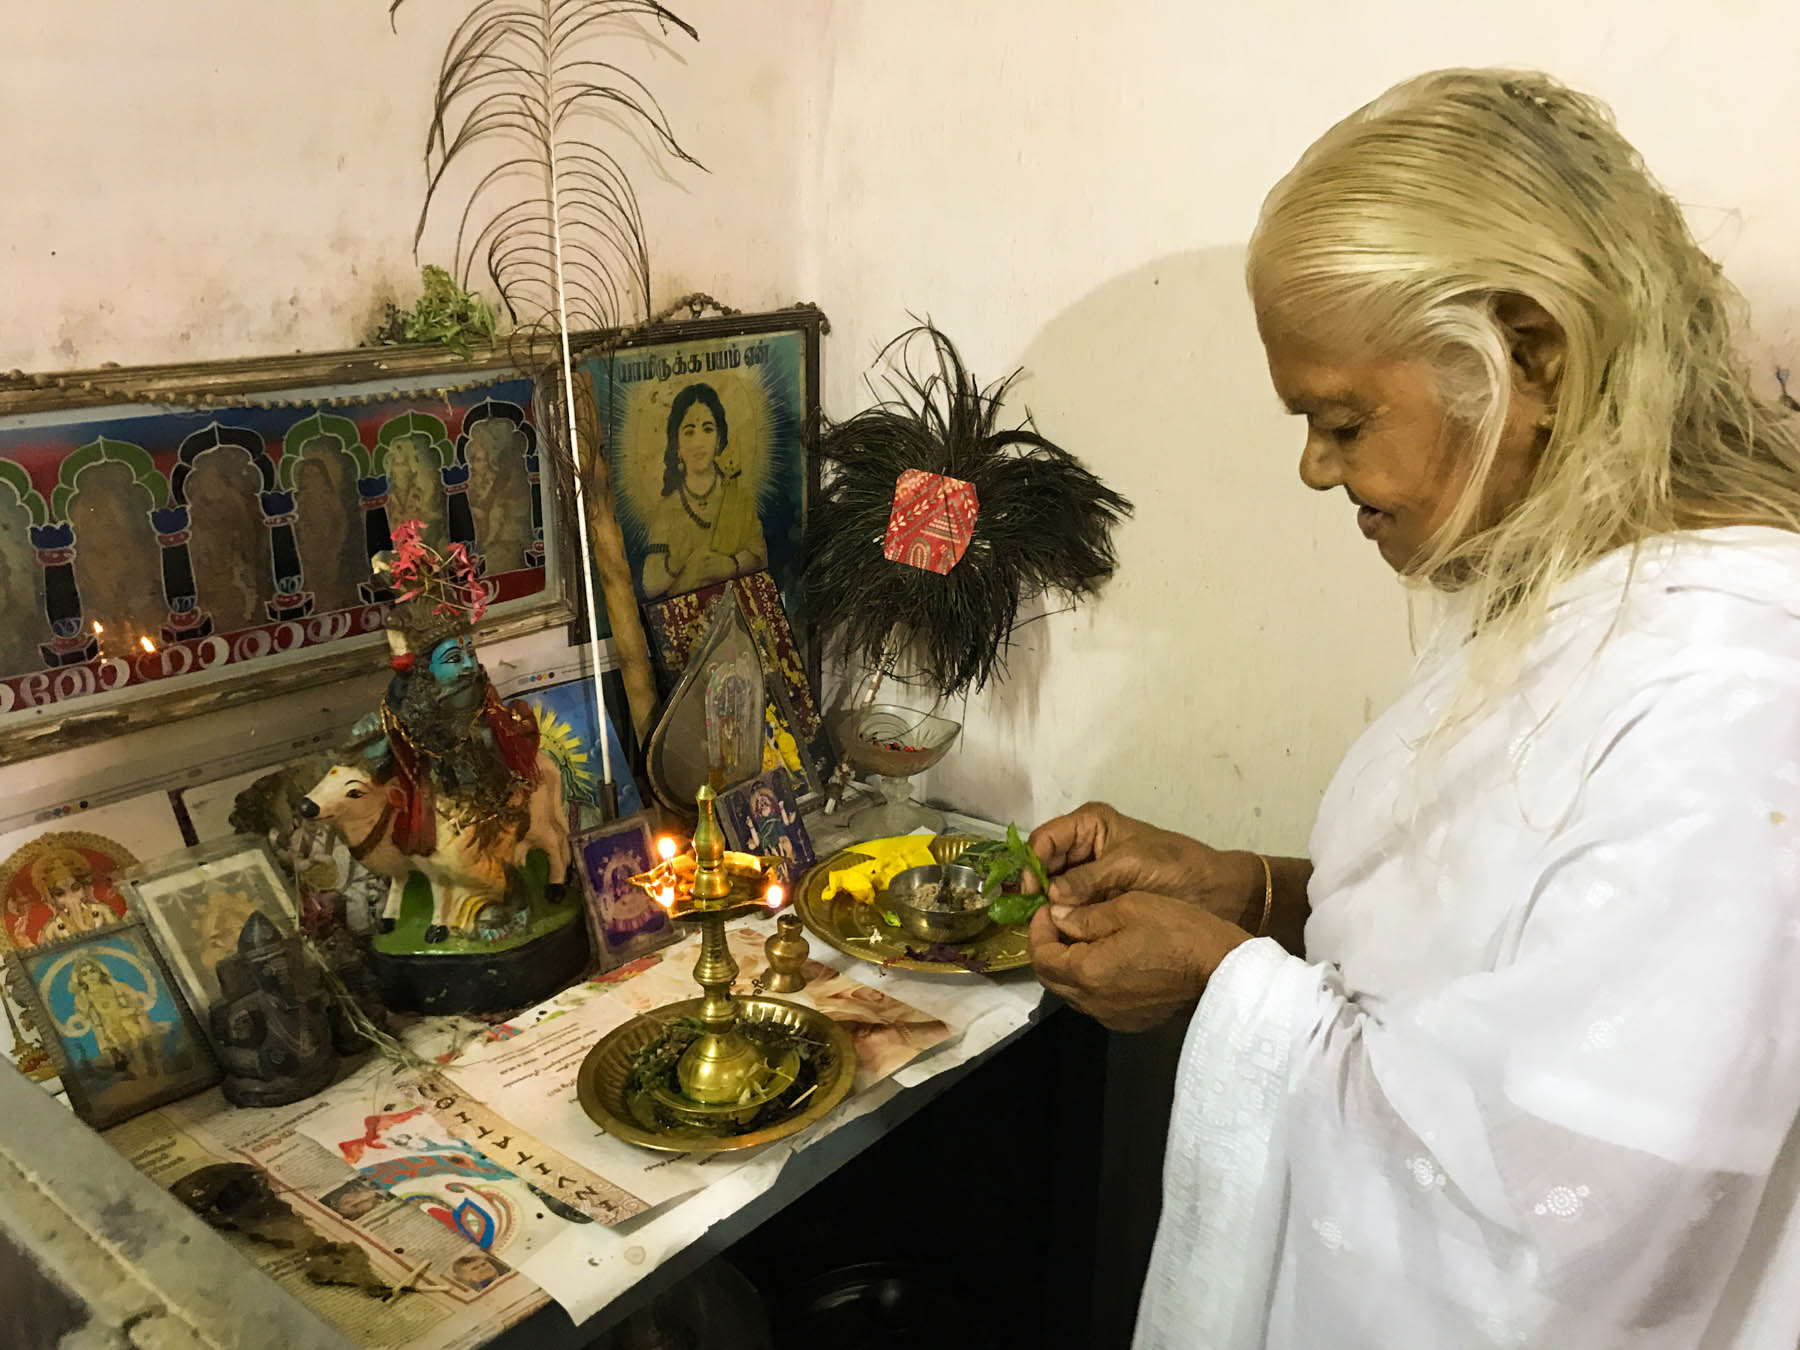 ケララの村のお宅で、トゥルシーを捧げてお祈りするおばあさん